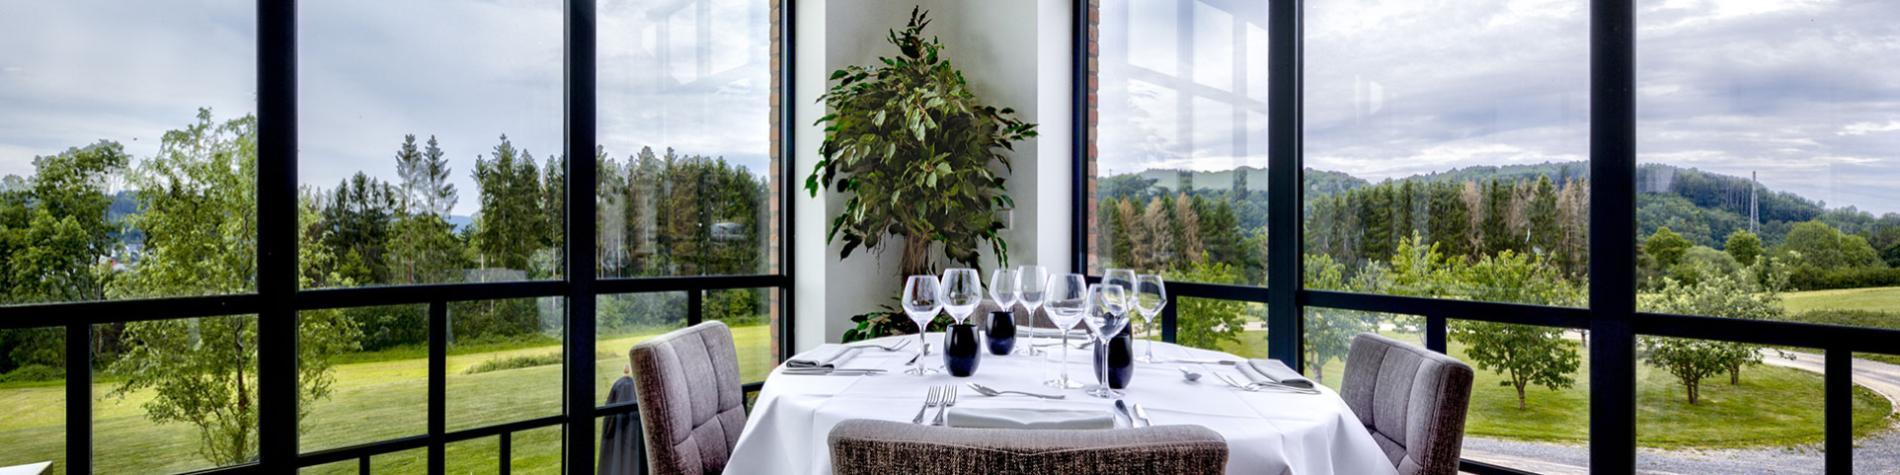 Azur en Ardenne - Hôtel d'affaires - calme - Durbuy